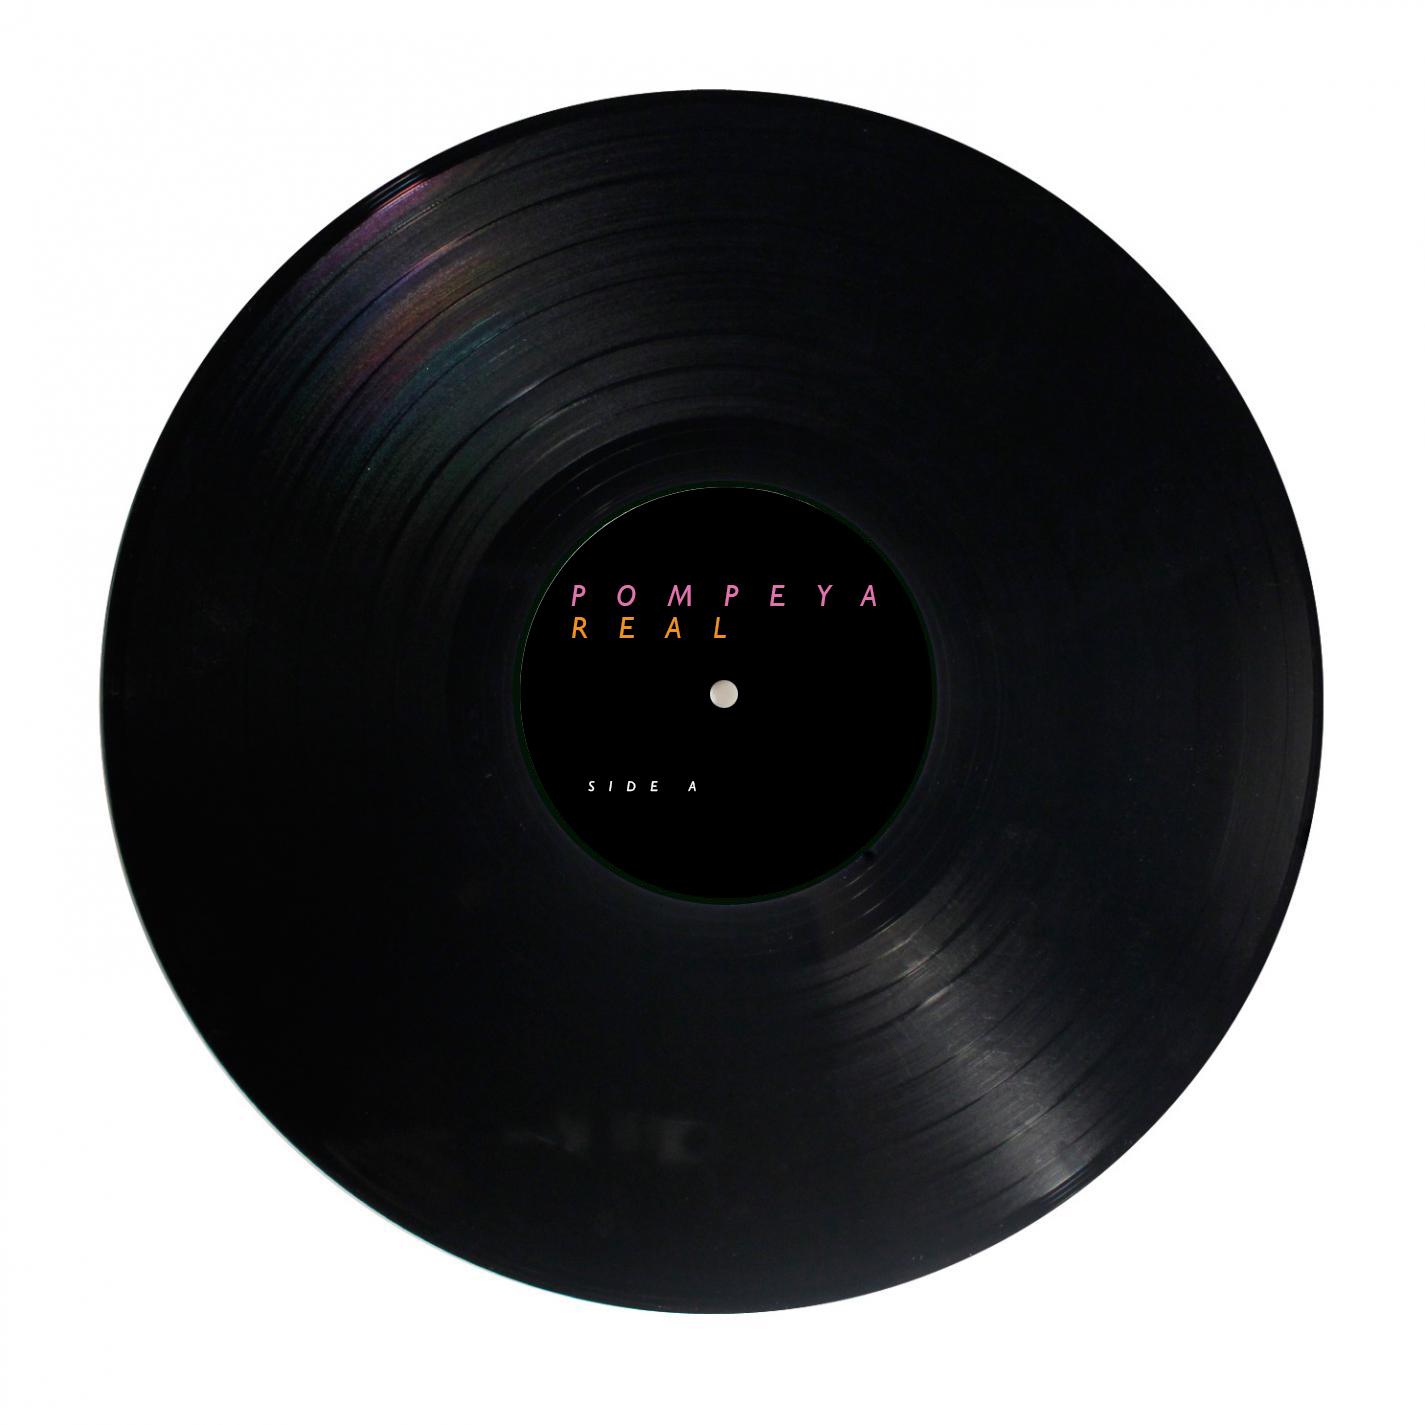 pompeya real vinyl from